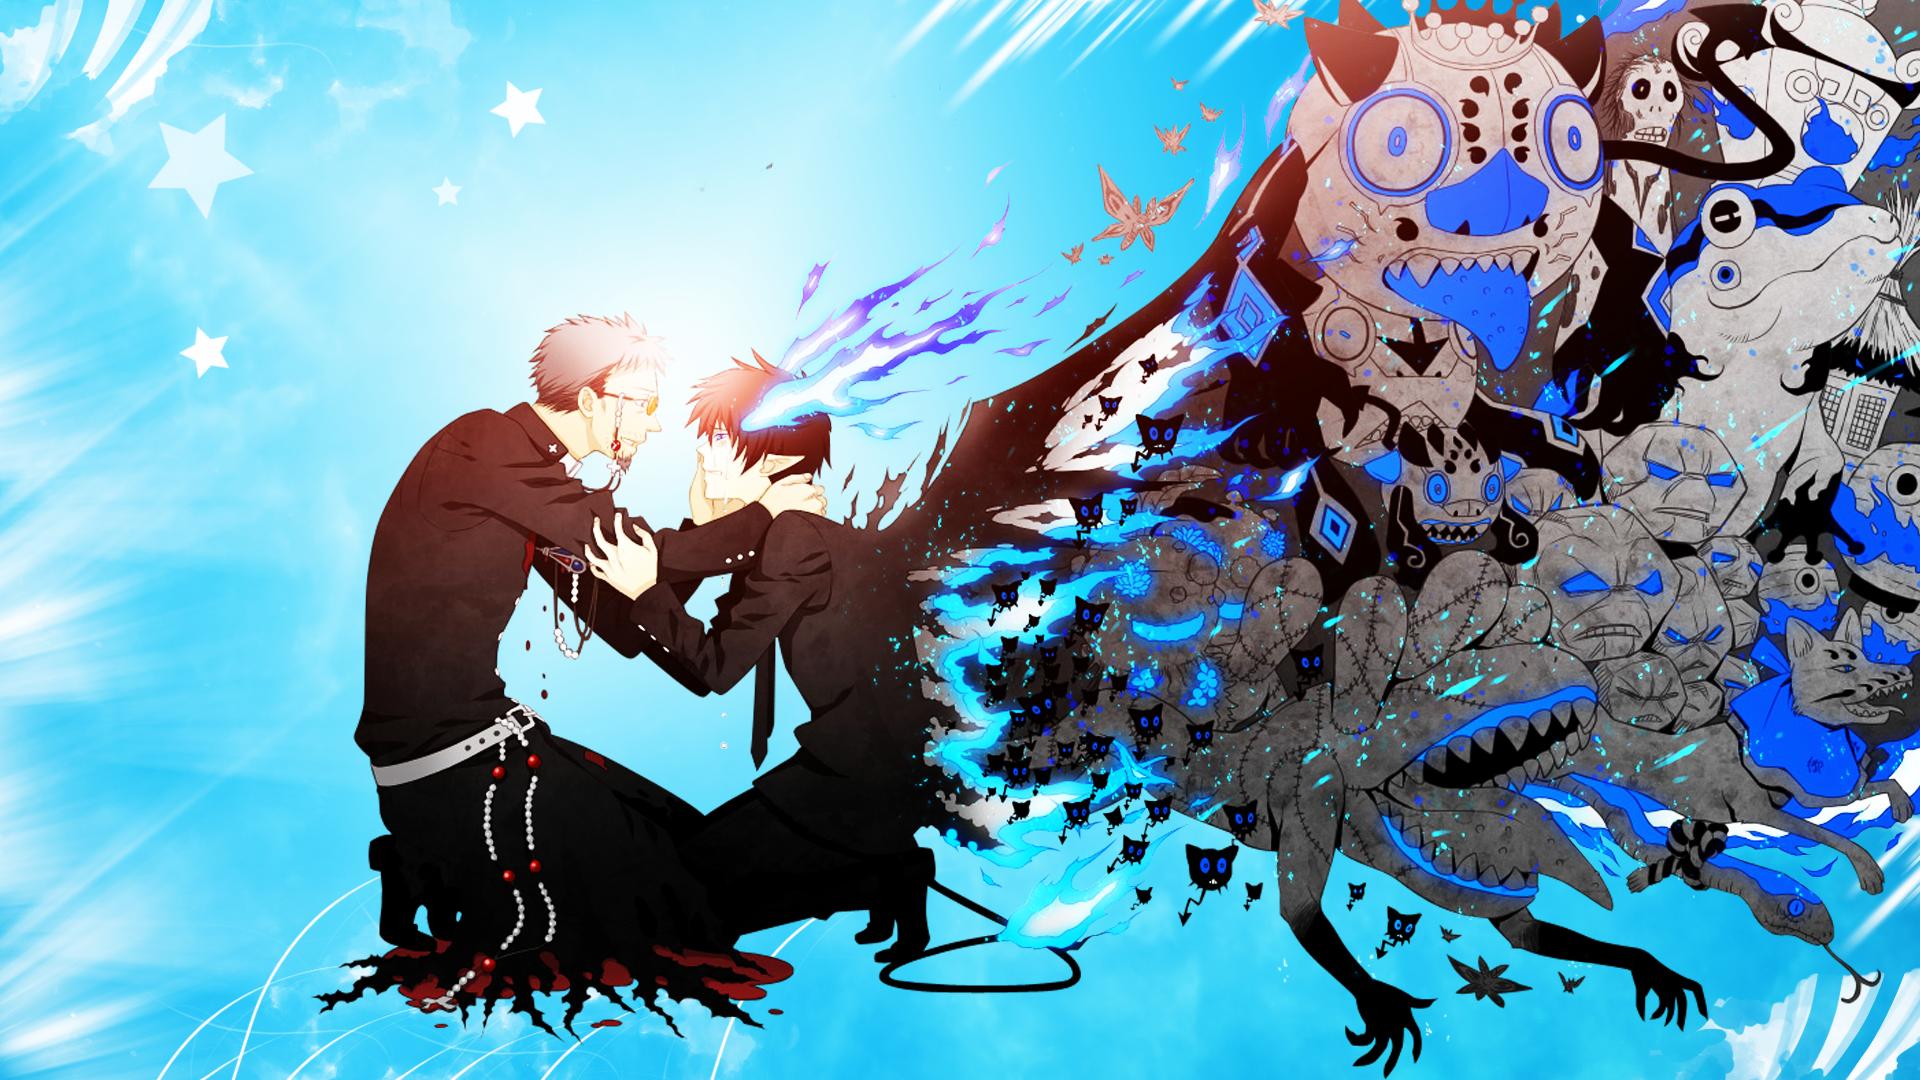 Wallpaper Illustration Anime Demon Blue Exorcist Okumura Rin